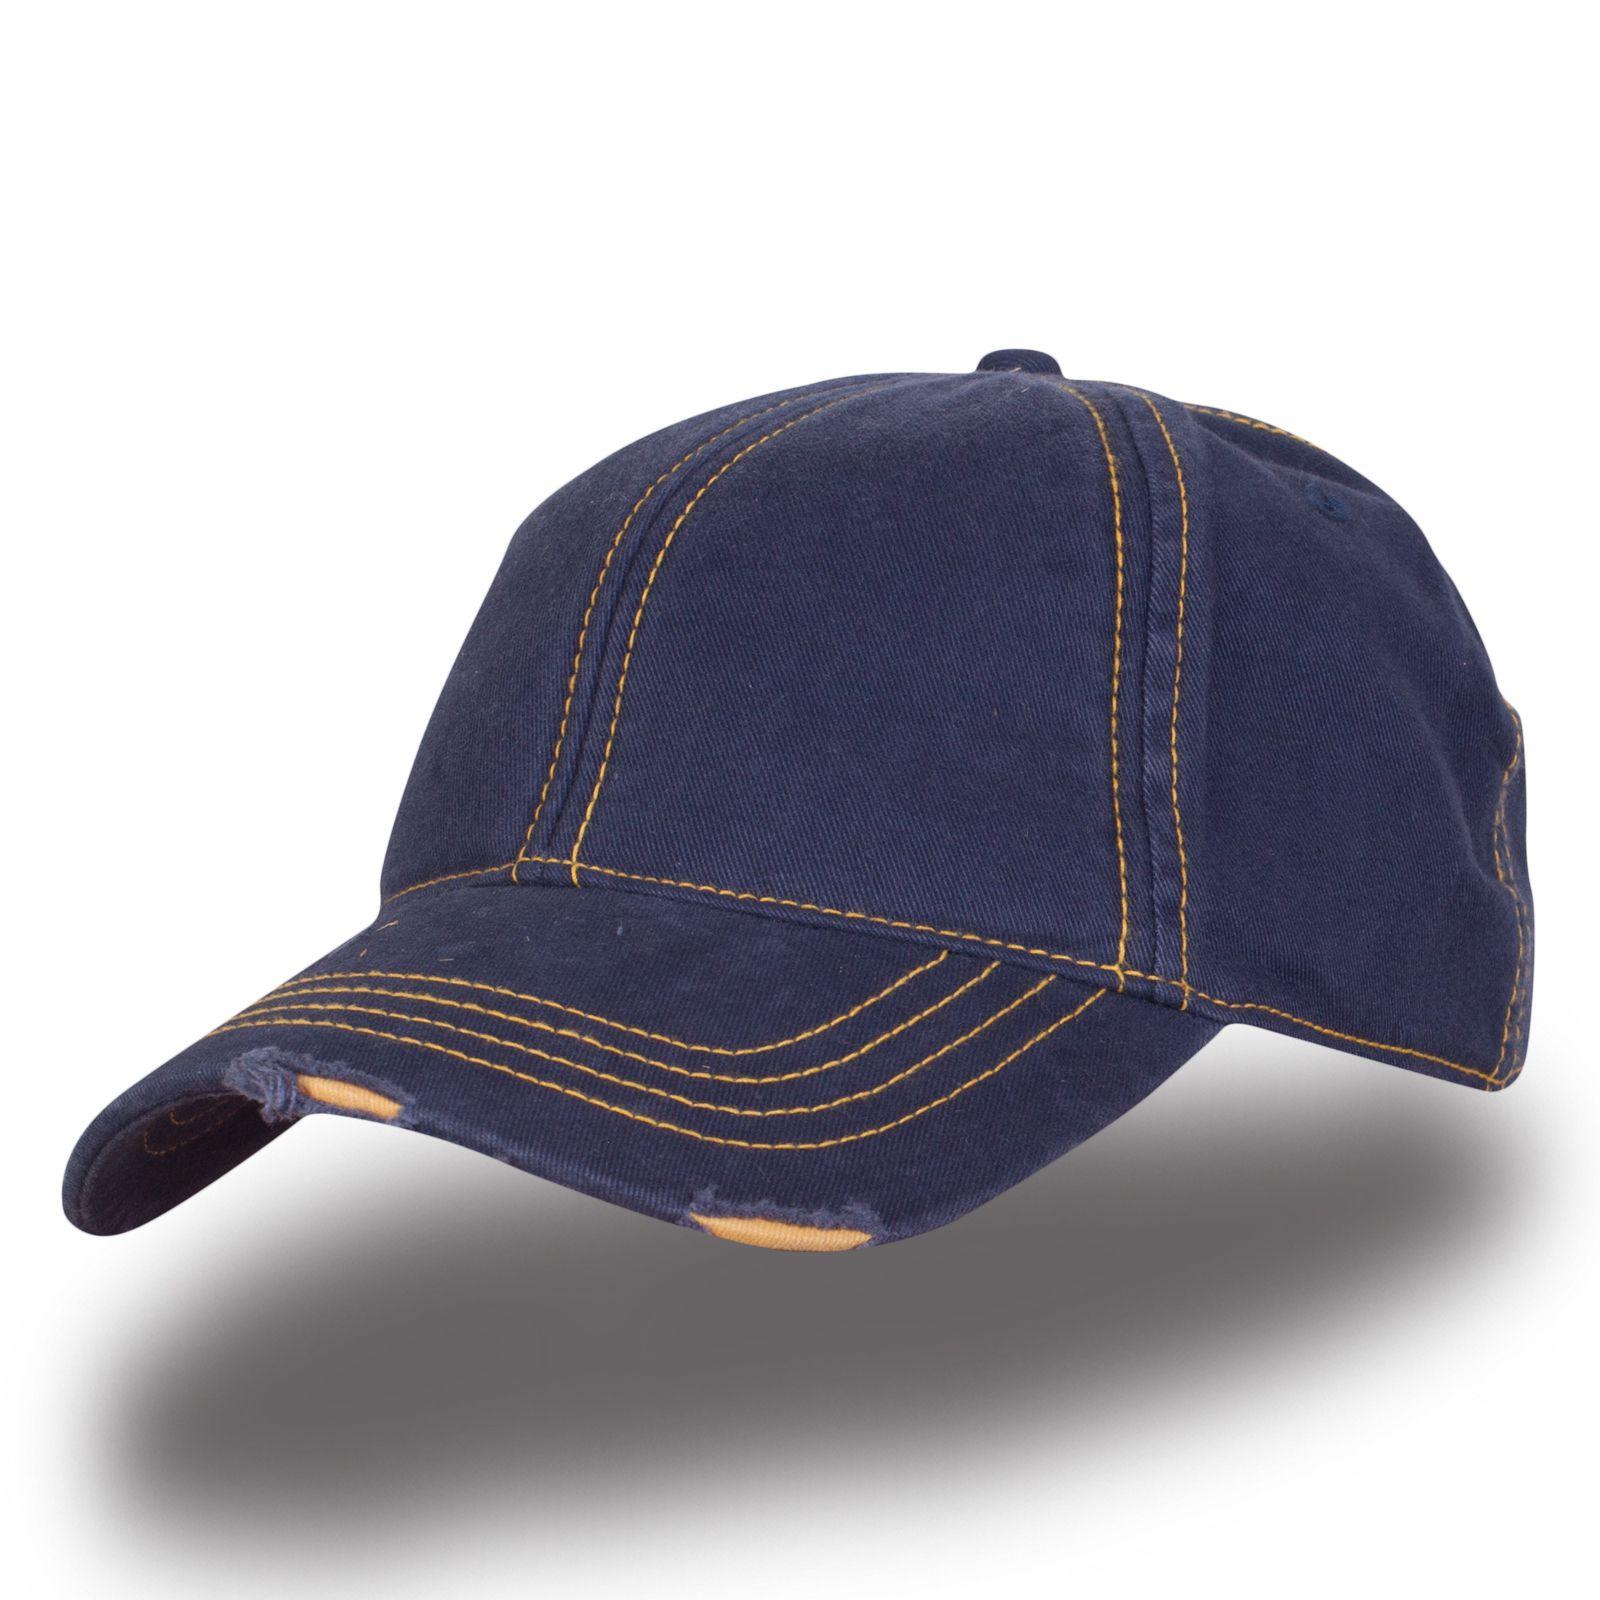 Кепка темно-синяя - купить в интернет-магазине с доставкой